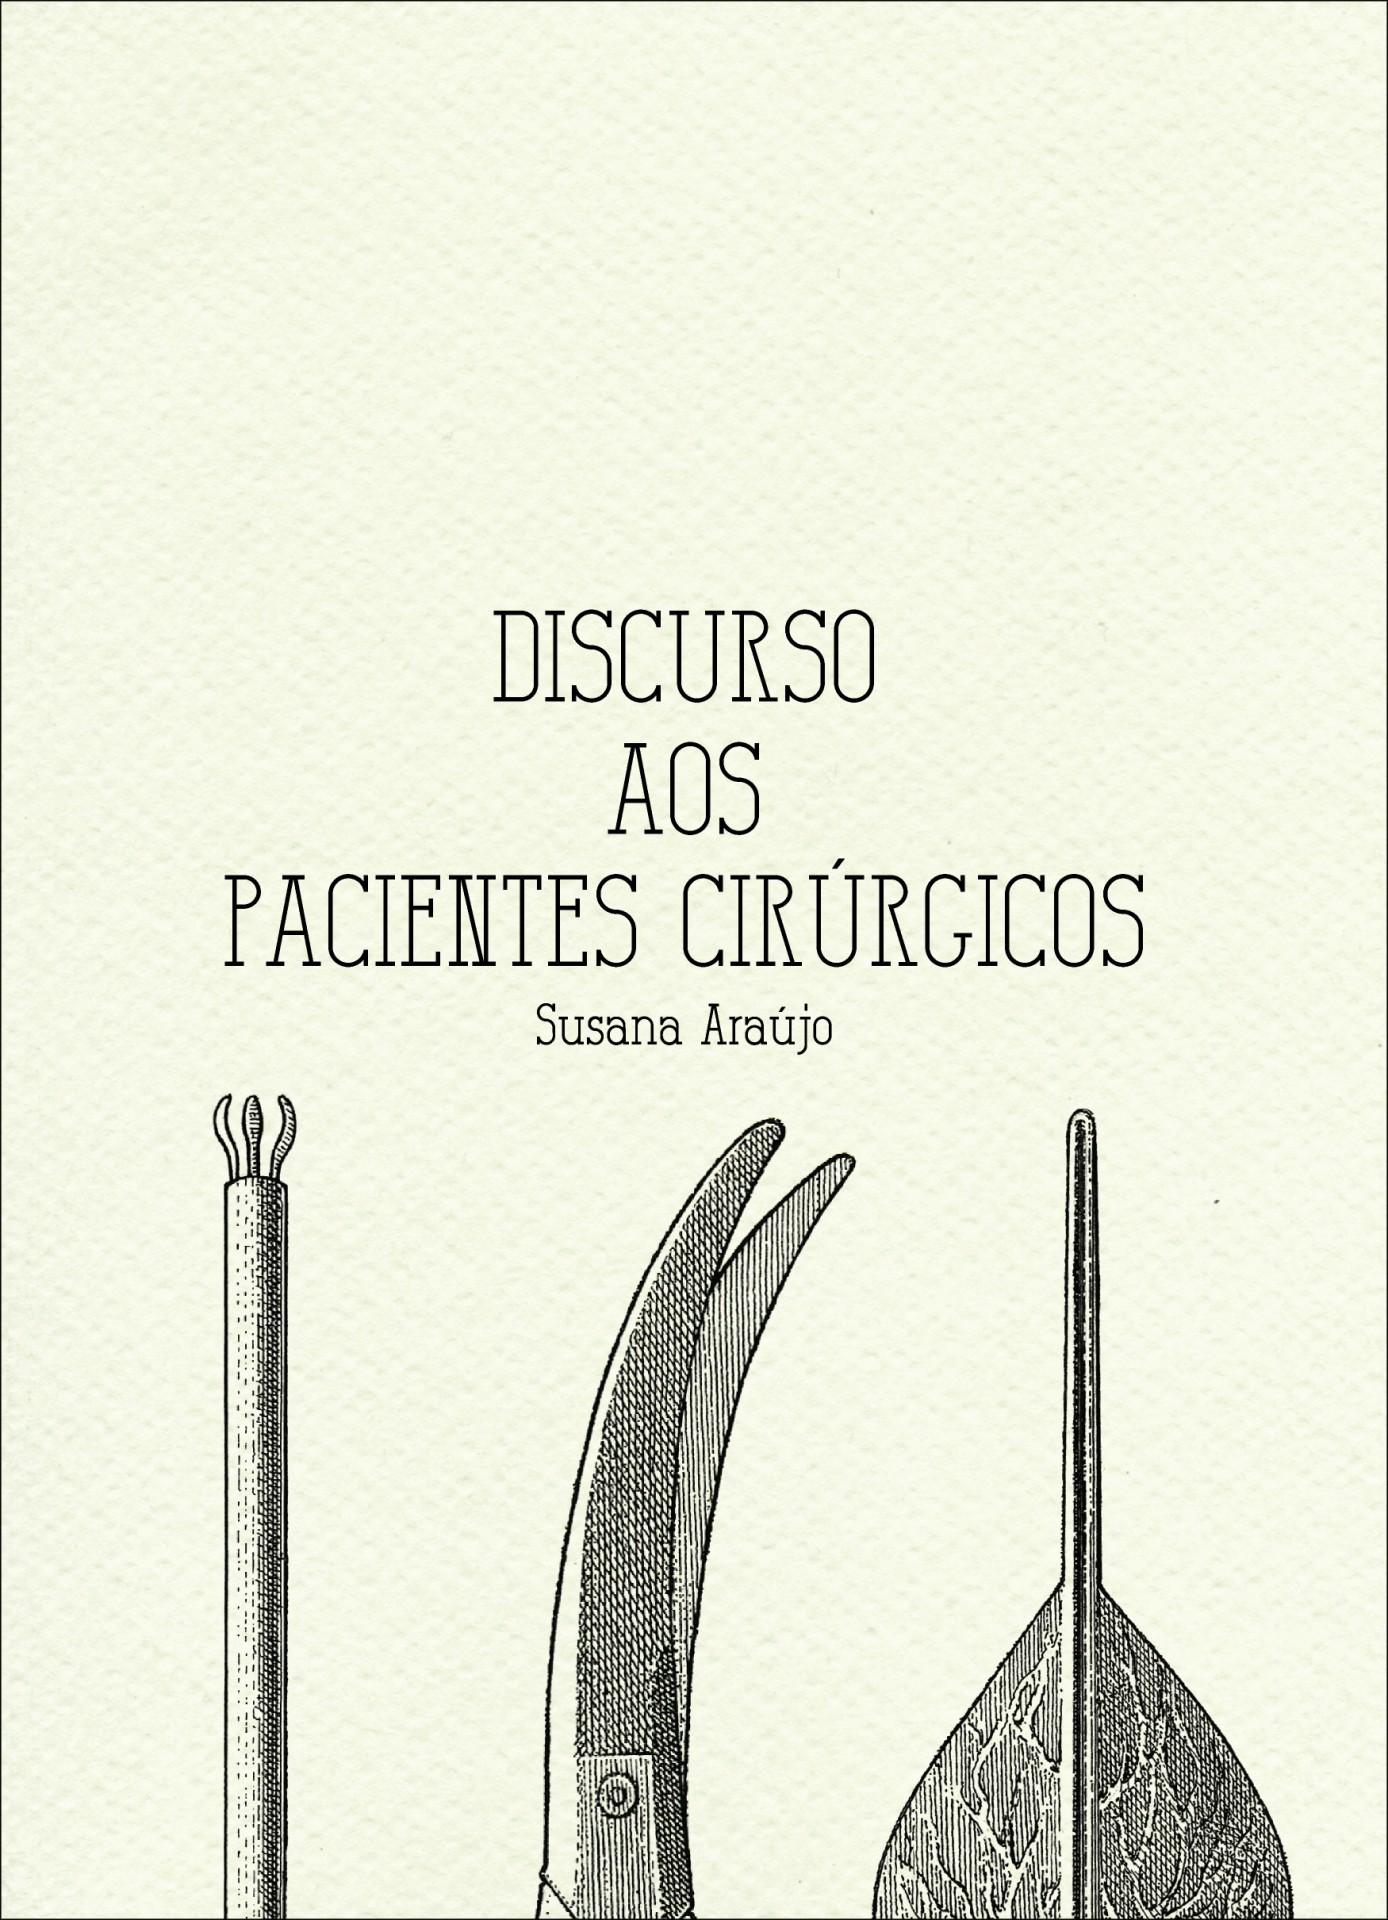 Discurso aos pacientes cirúrgicos